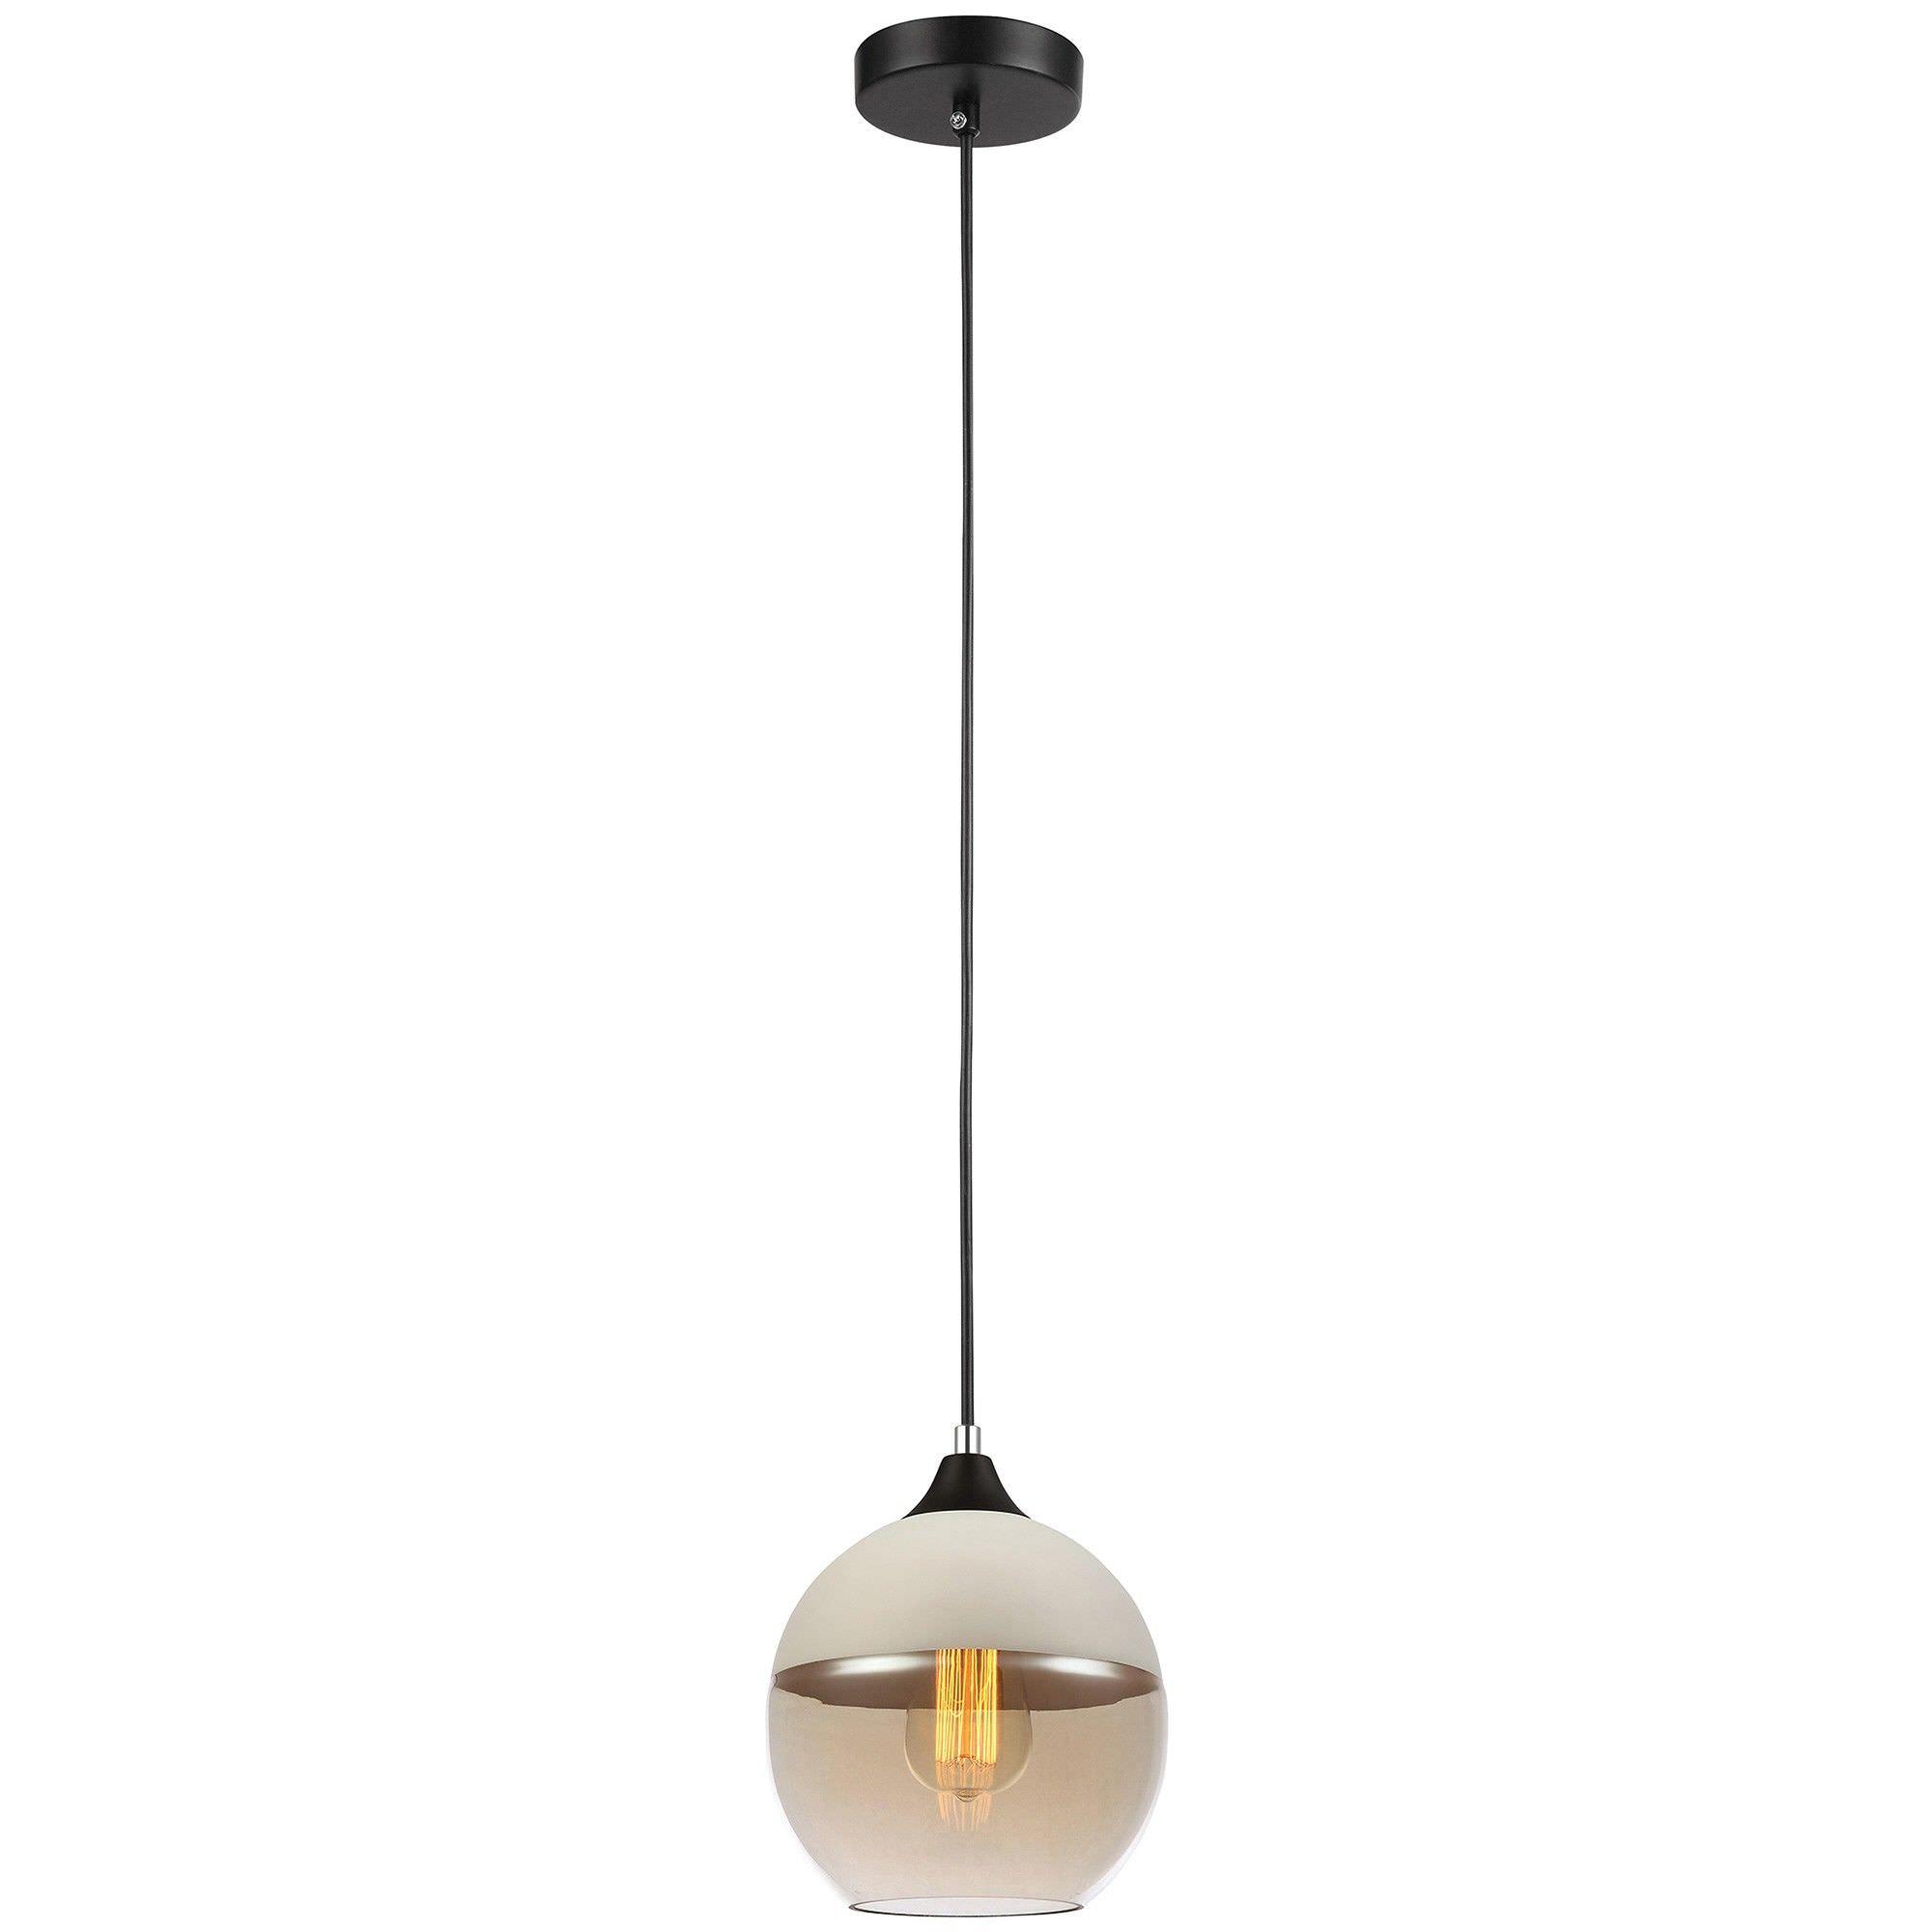 Casa Glass Pendant Light, Ball